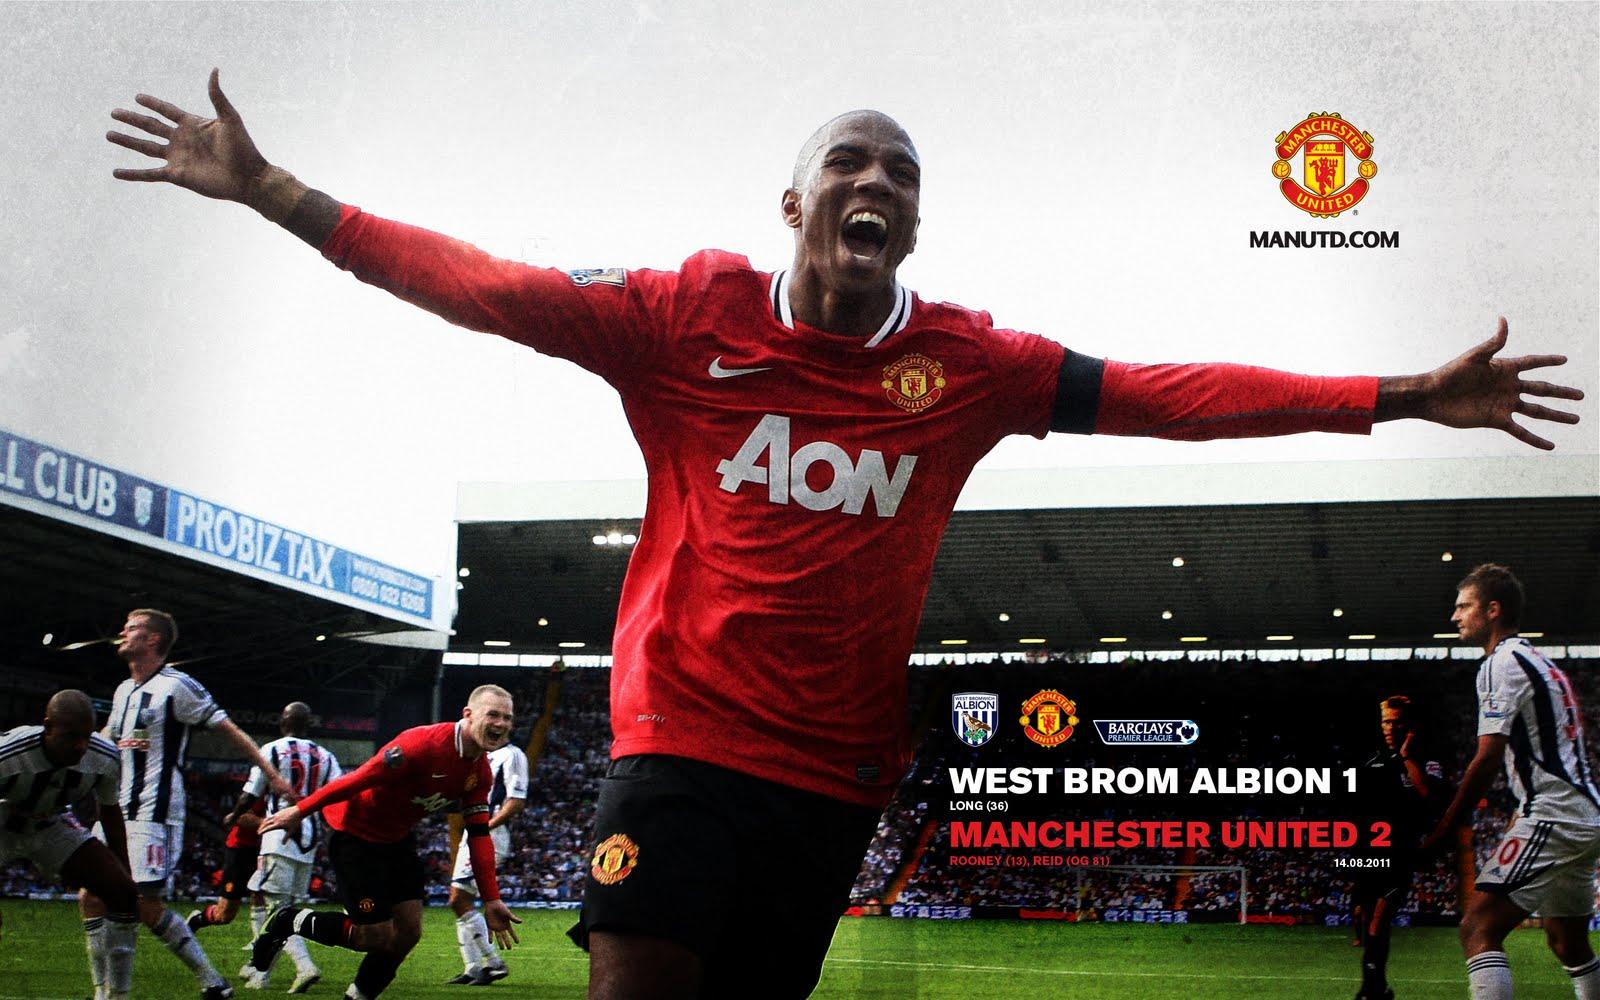 http://2.bp.blogspot.com/-B7p8BMRam8A/TkiZ4MQrrUI/AAAAAAAAFZU/Qa-z1EWvGI8/s1600/West+Brom+v+Man+United+Highlights.jpg